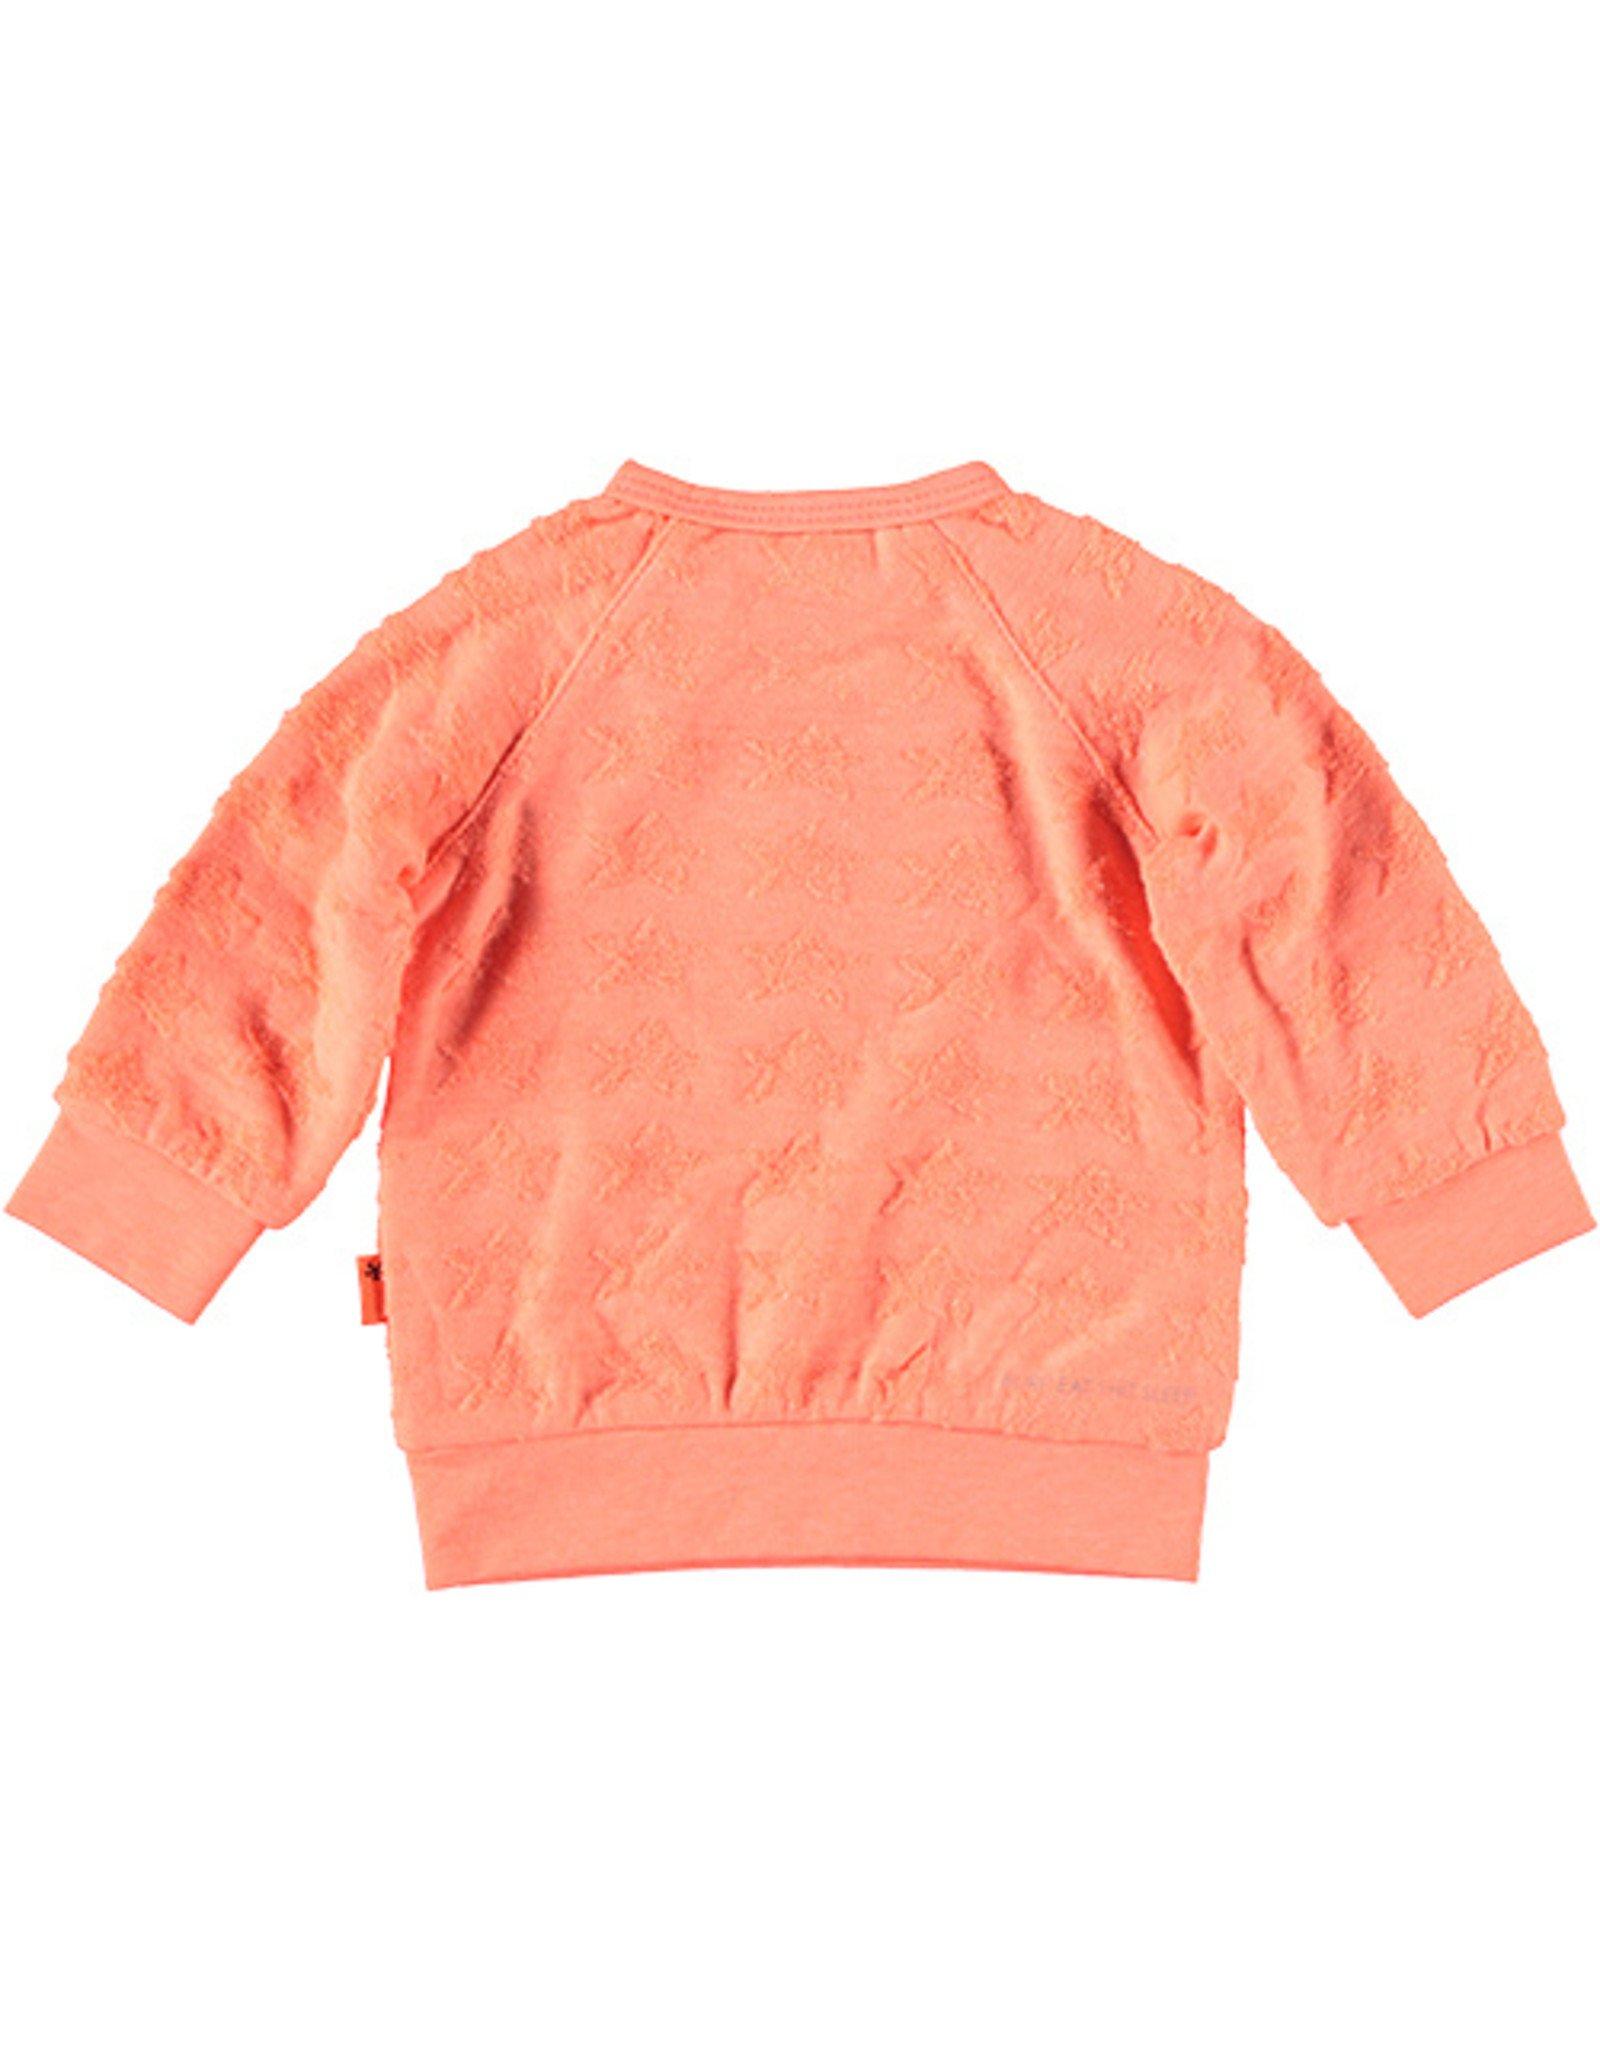 B.E.S.S. Sweater Stars Little Dreamer, Coral